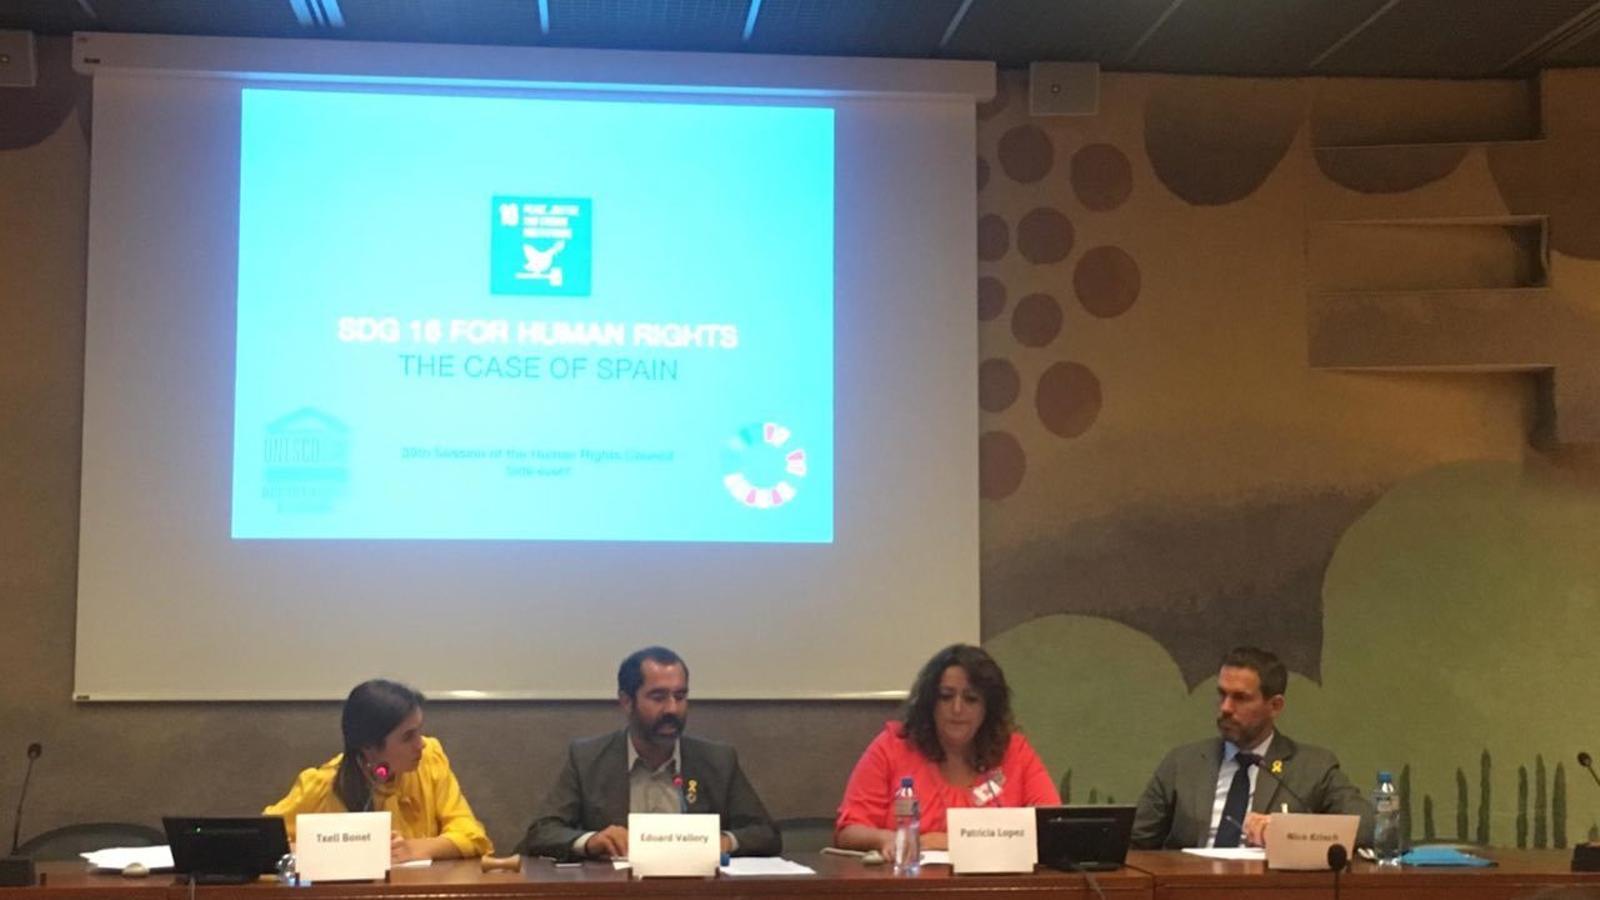 A l'esquerra, la parella de Jordi Cuixart, Txell Bonet, en una conferència davant l'ONU